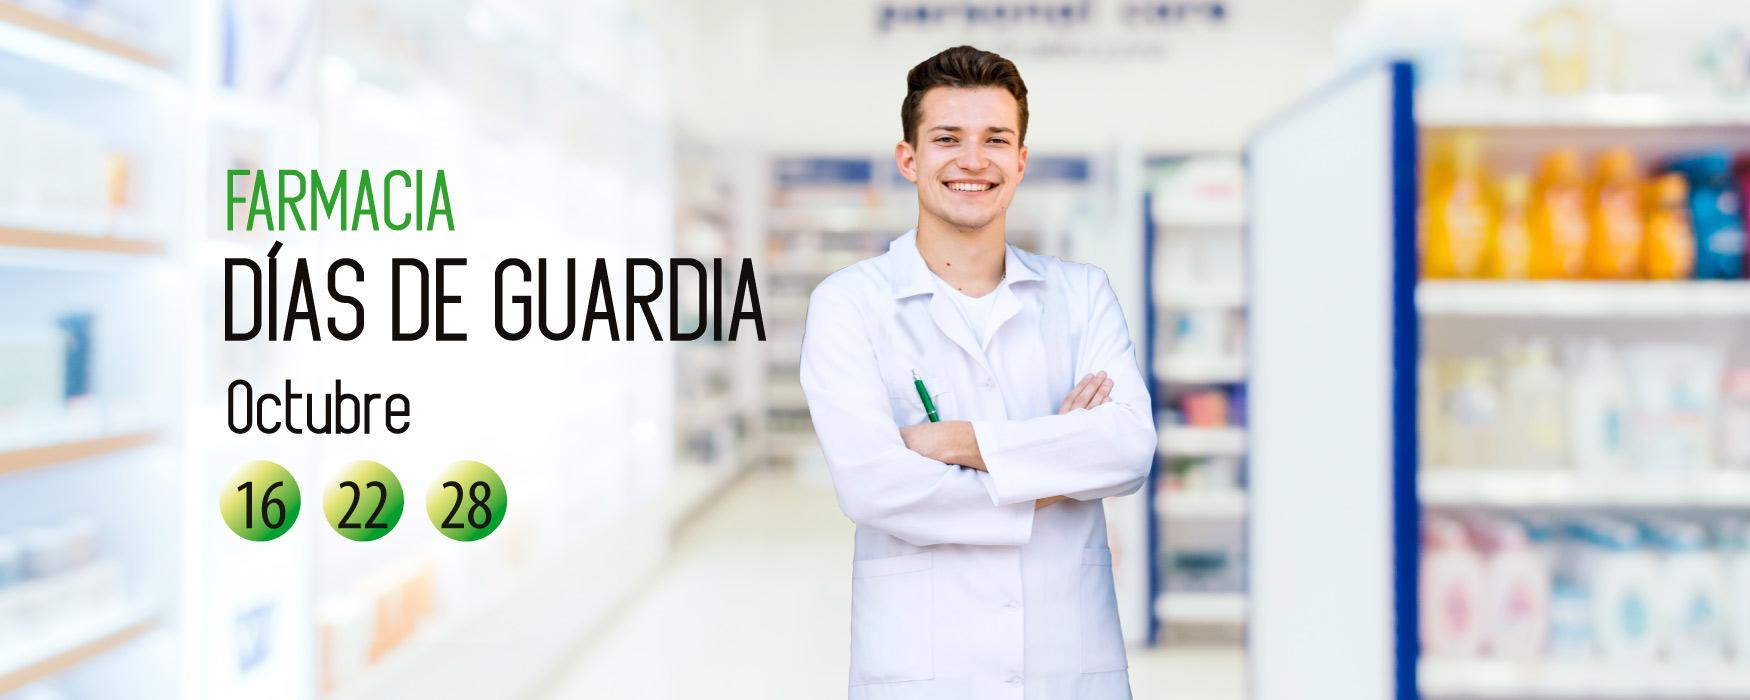 guardia-farmacia-espacio-torrelodones-octubre-2020